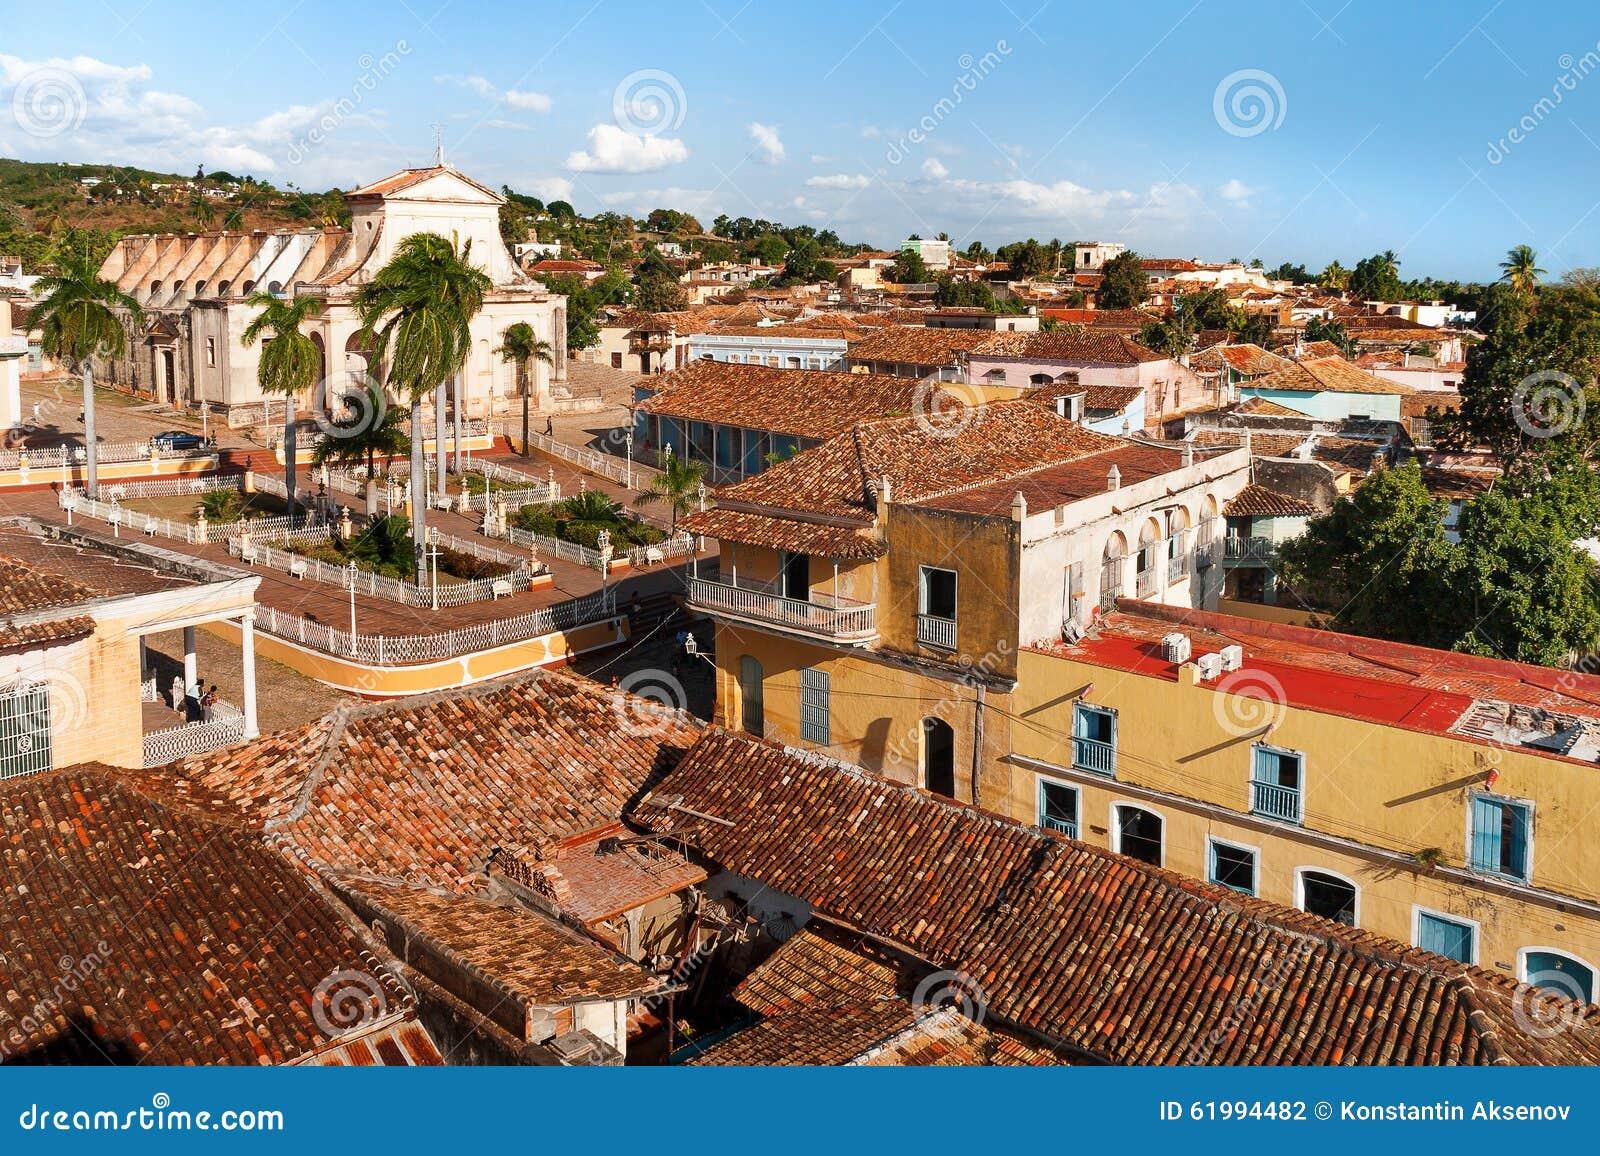 Paysage urbain colonial de ville du trinidad cuba for Paysage de ville